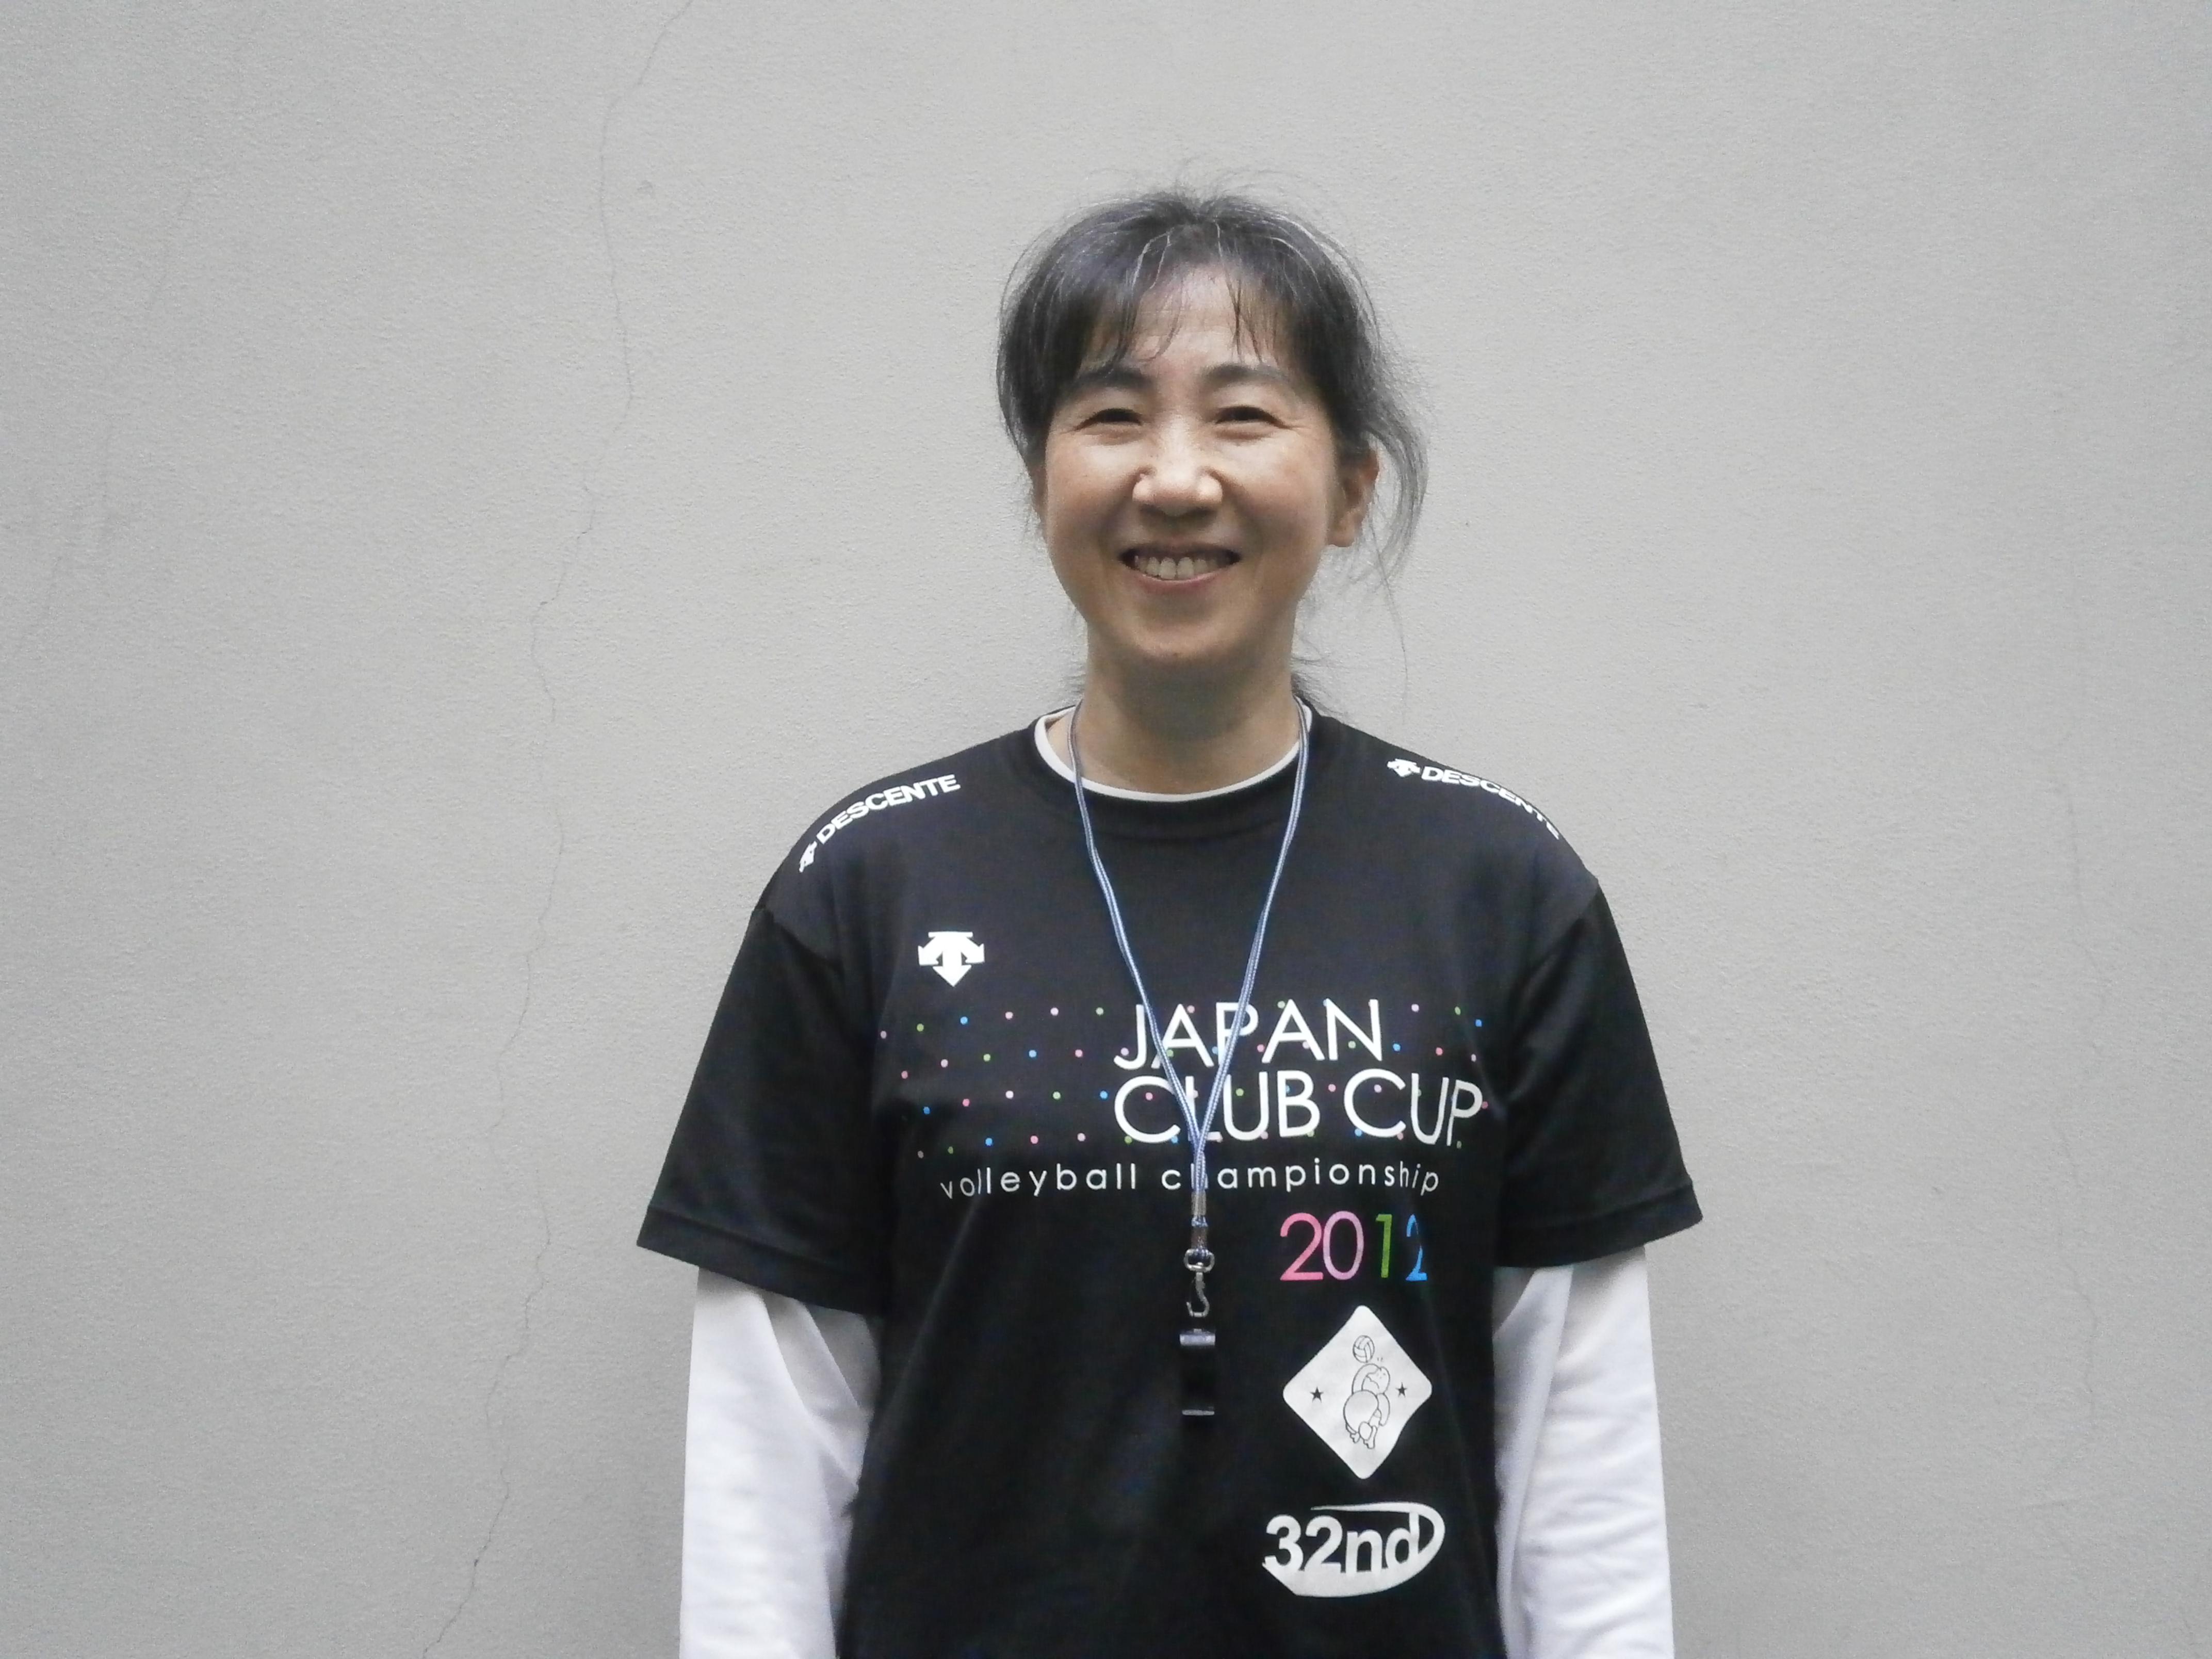 婦人バレー教室 国方 道子 講師写真